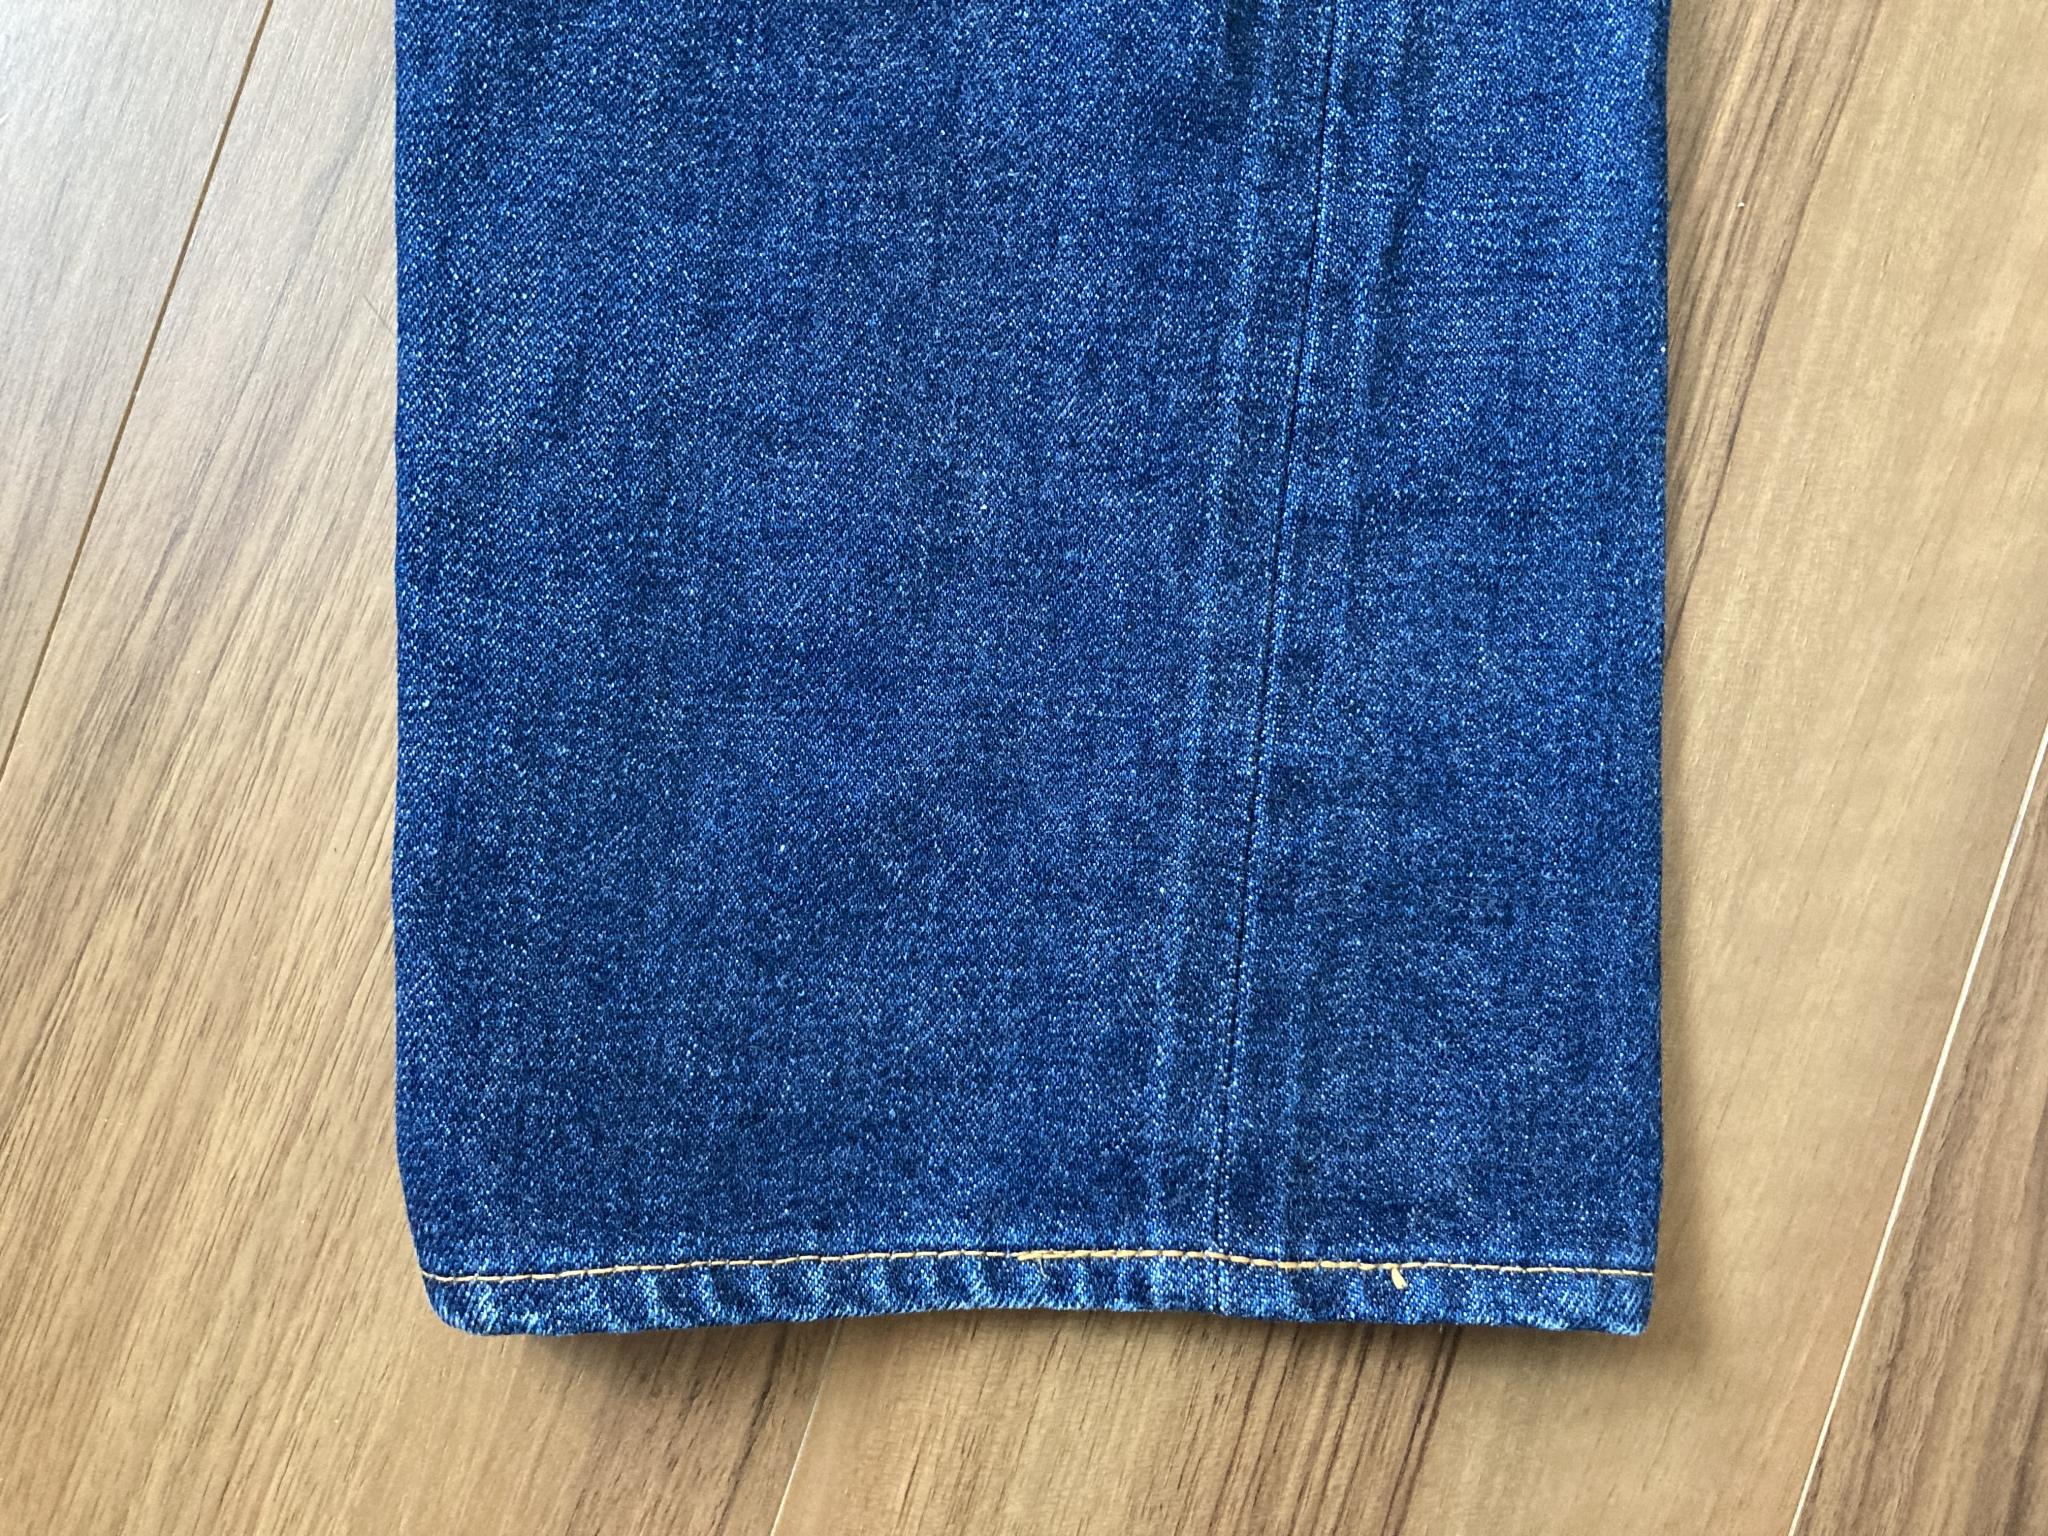 リゾルト Resolute 710 経年変化 エイジング 2075時間 洗濯 裾 スソ チェーンステッチ